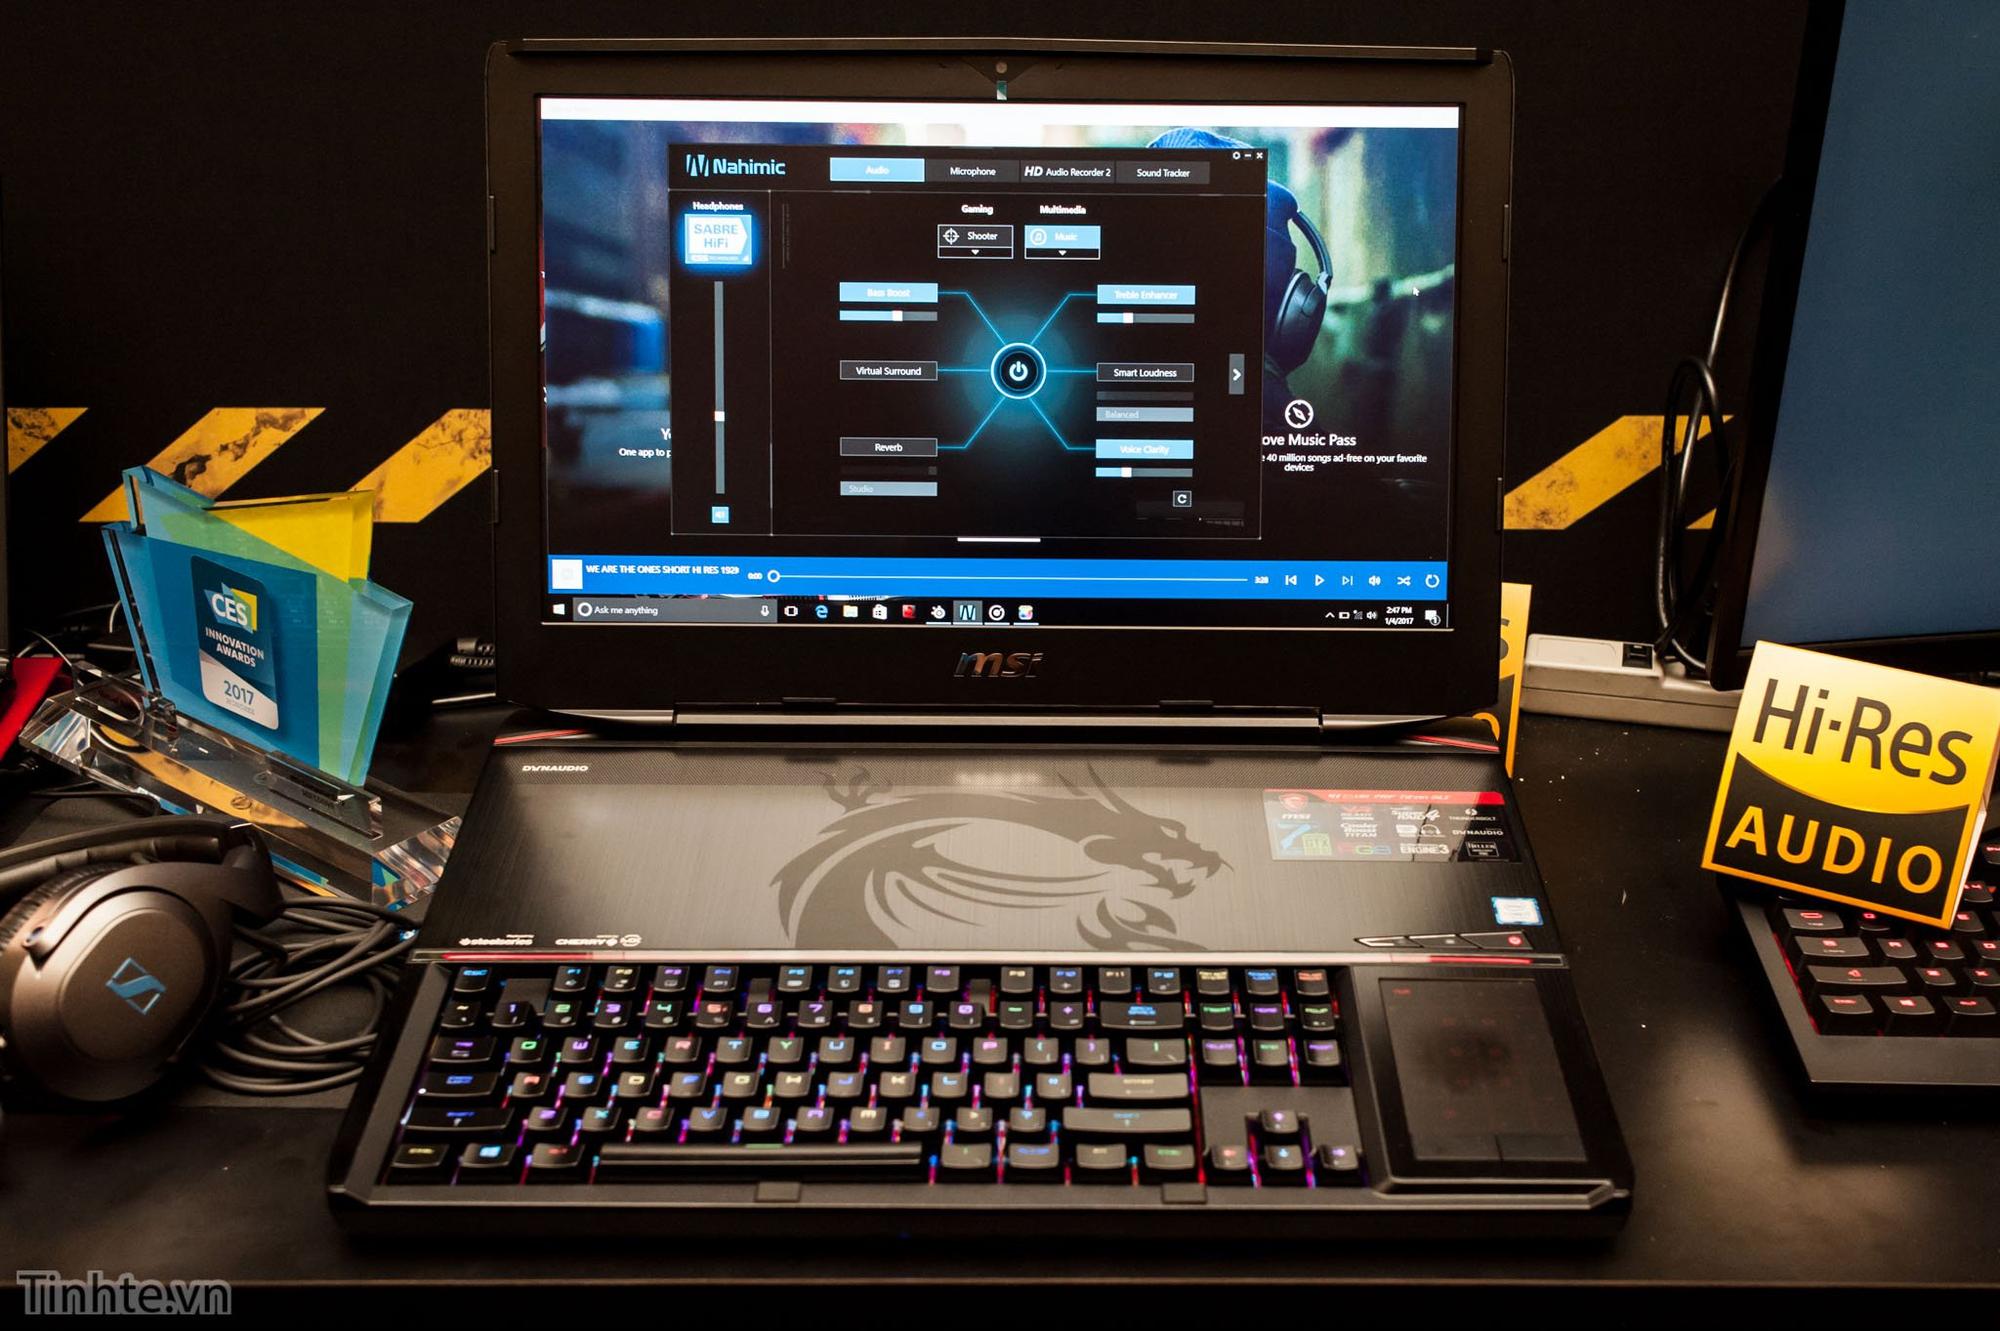 Chia sẻ những kinh nghiệm cần lưu ý khi chọn mua laptop chơi game